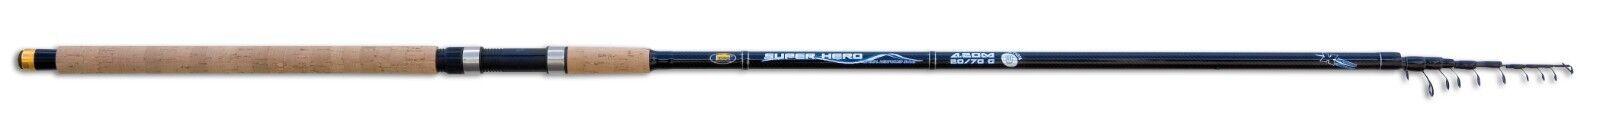 CANNA INGLESE LINEAEFFE súper HERO 3  MT 4,20 AZIONE 70GR+++NUOVISSIMA+++  producto de calidad